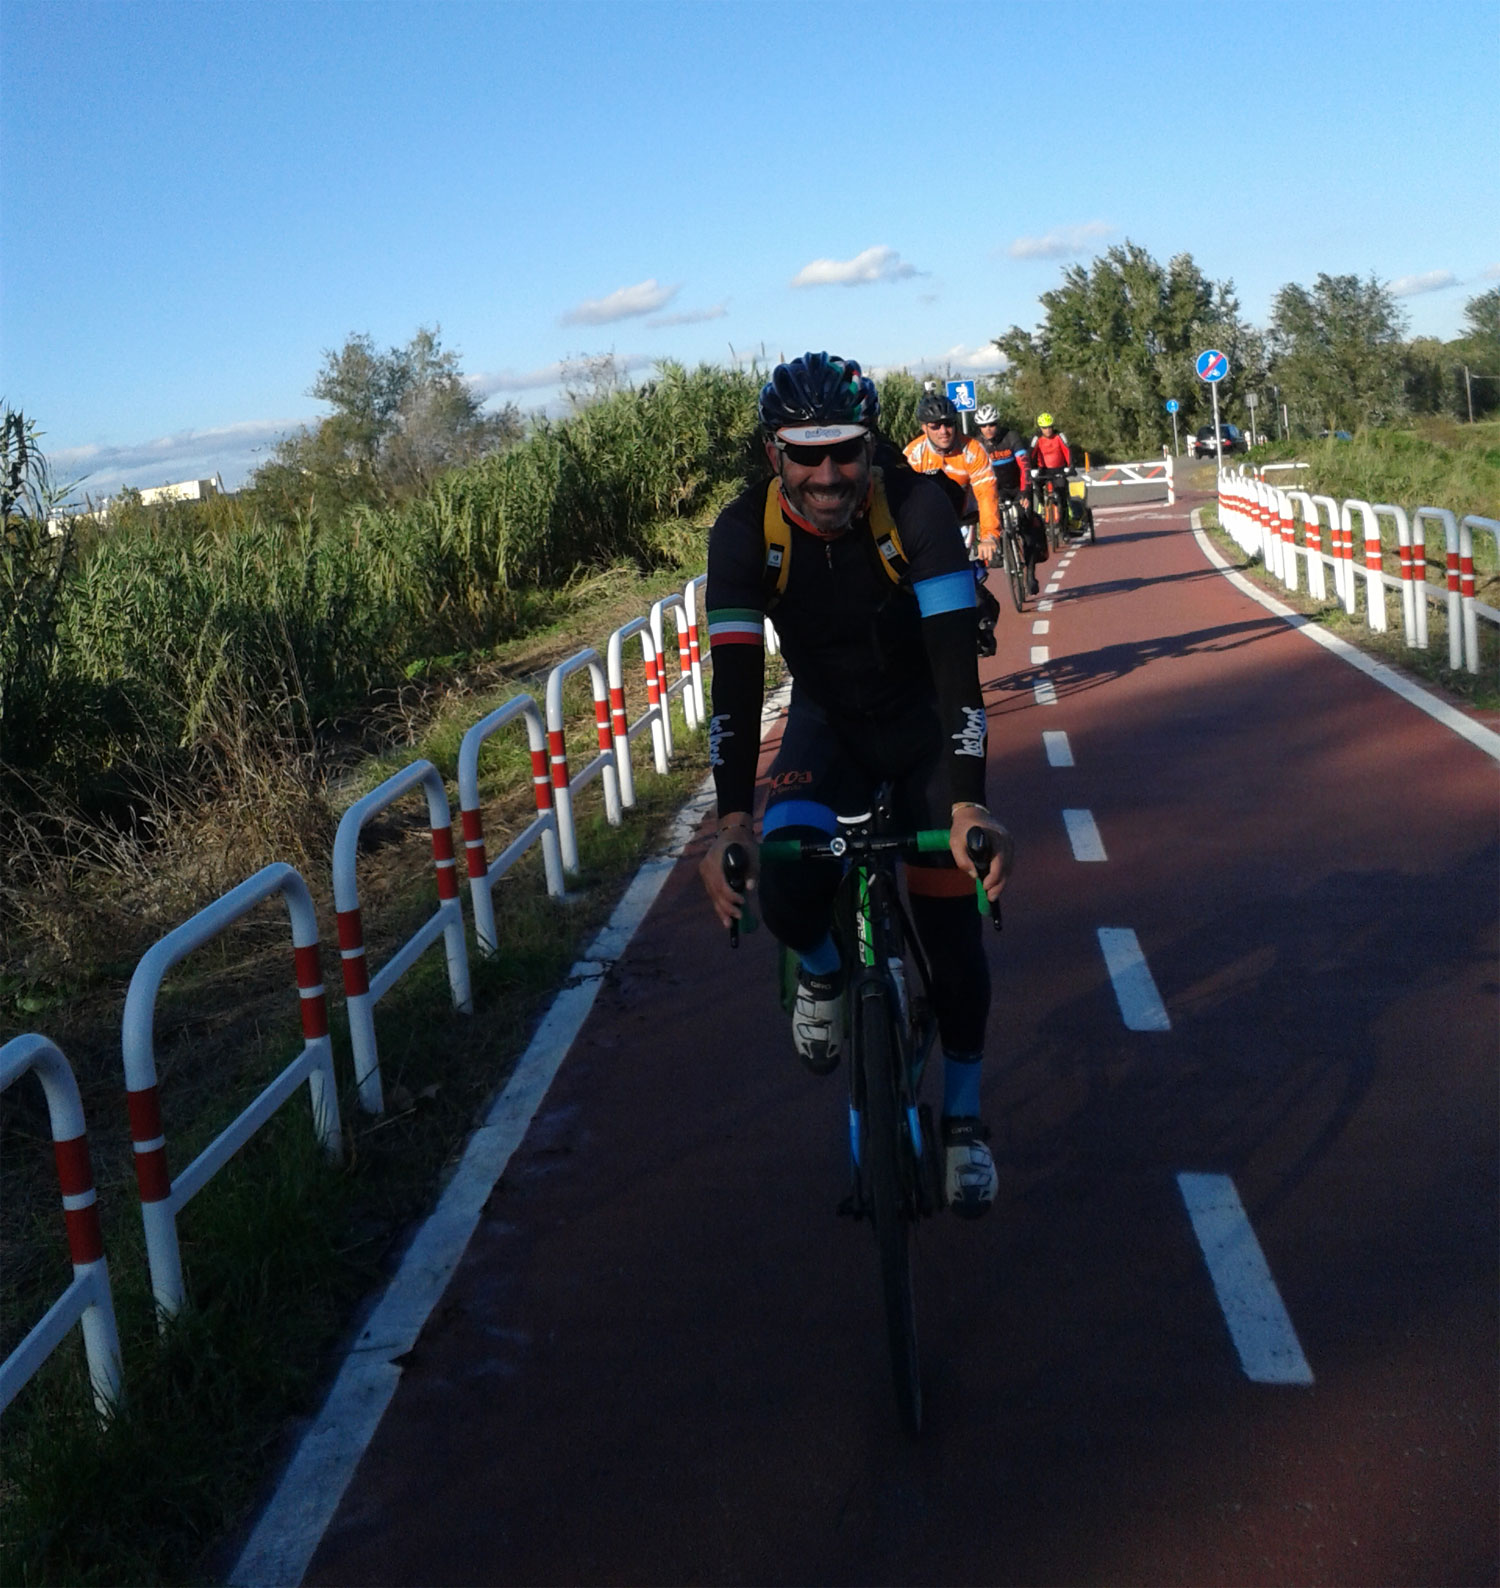 Paolo, Addetto alle consegne, Bike Tour Guide.